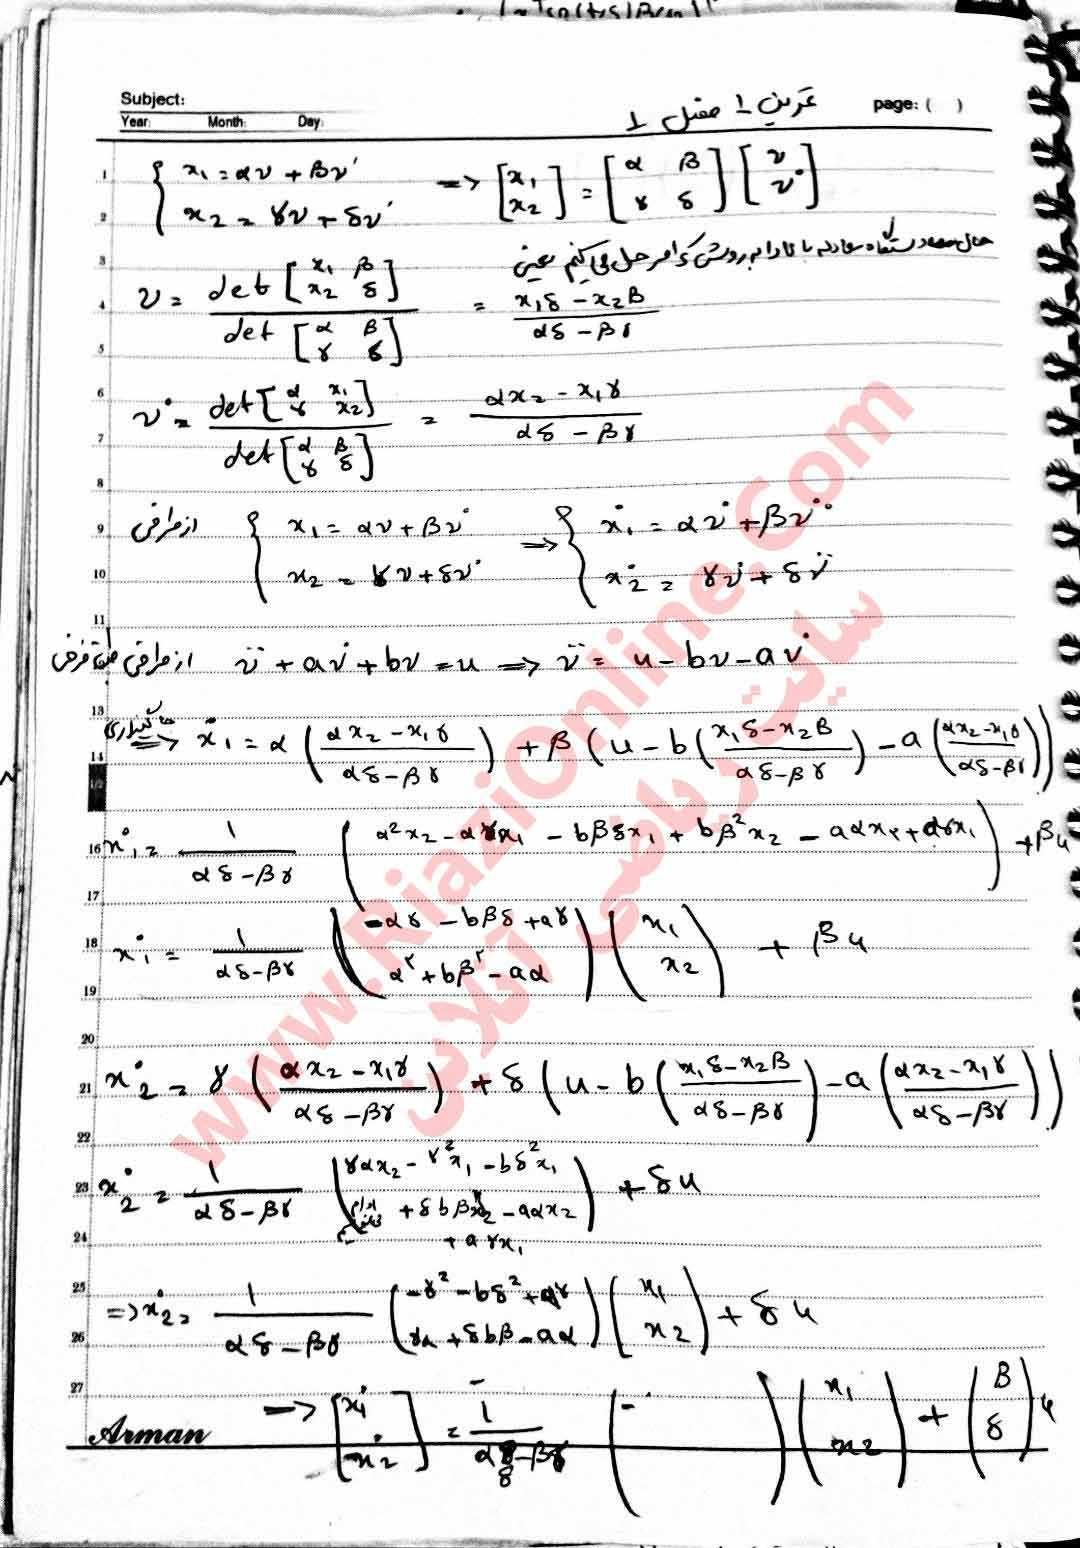 تبدیل معادله ورودی خروجی به معادله حالت در سیستم های کنترلی